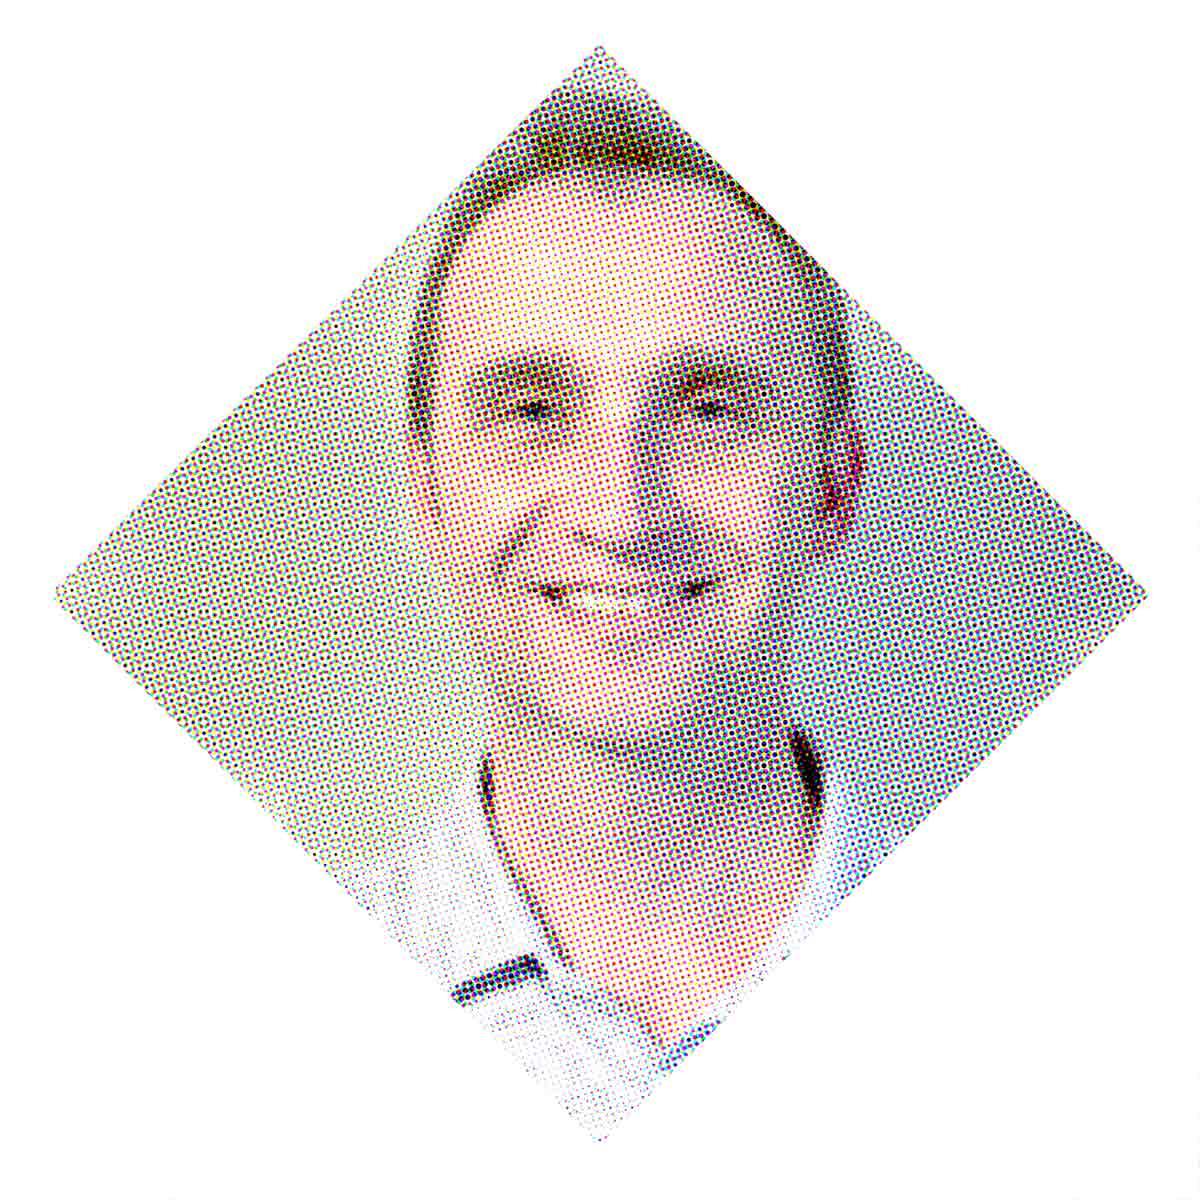 Konstantin Bay - Software Engineer - MimbleWimble Coin